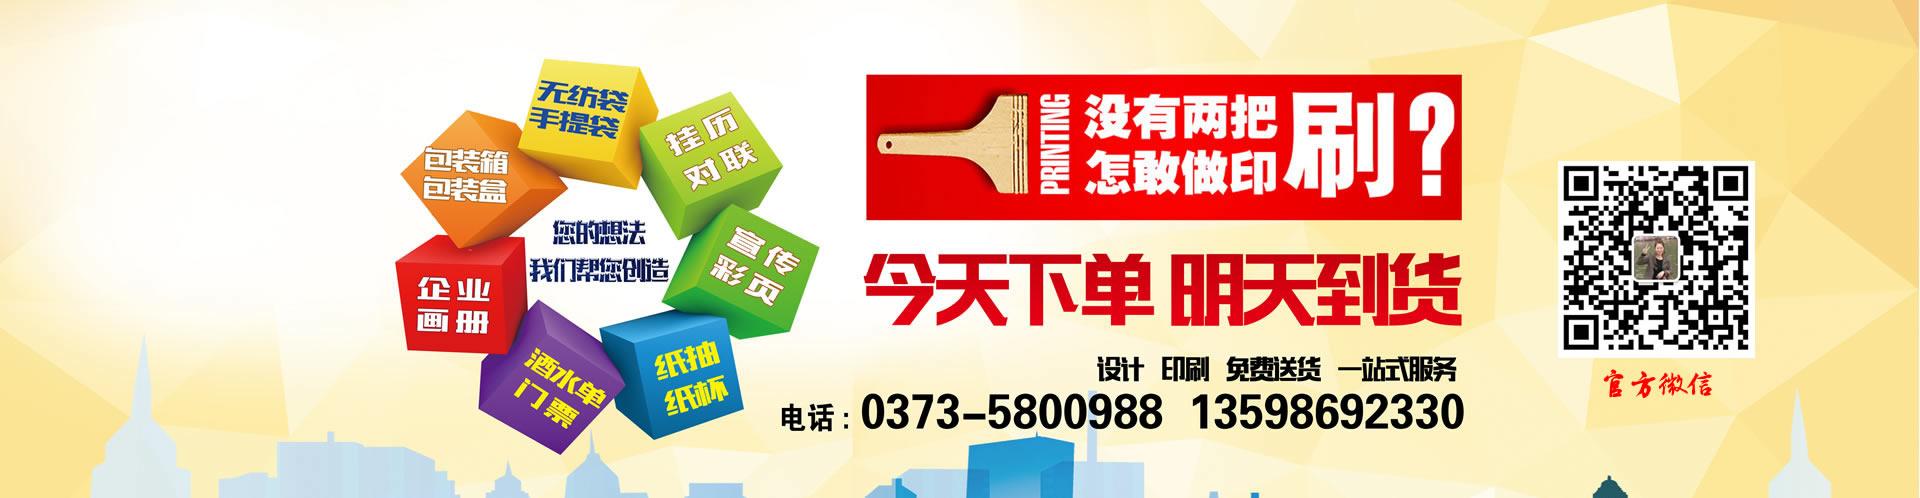 新乡乐虎国际官网乐虎国际官方网app厂 新乡纸箱包装厂